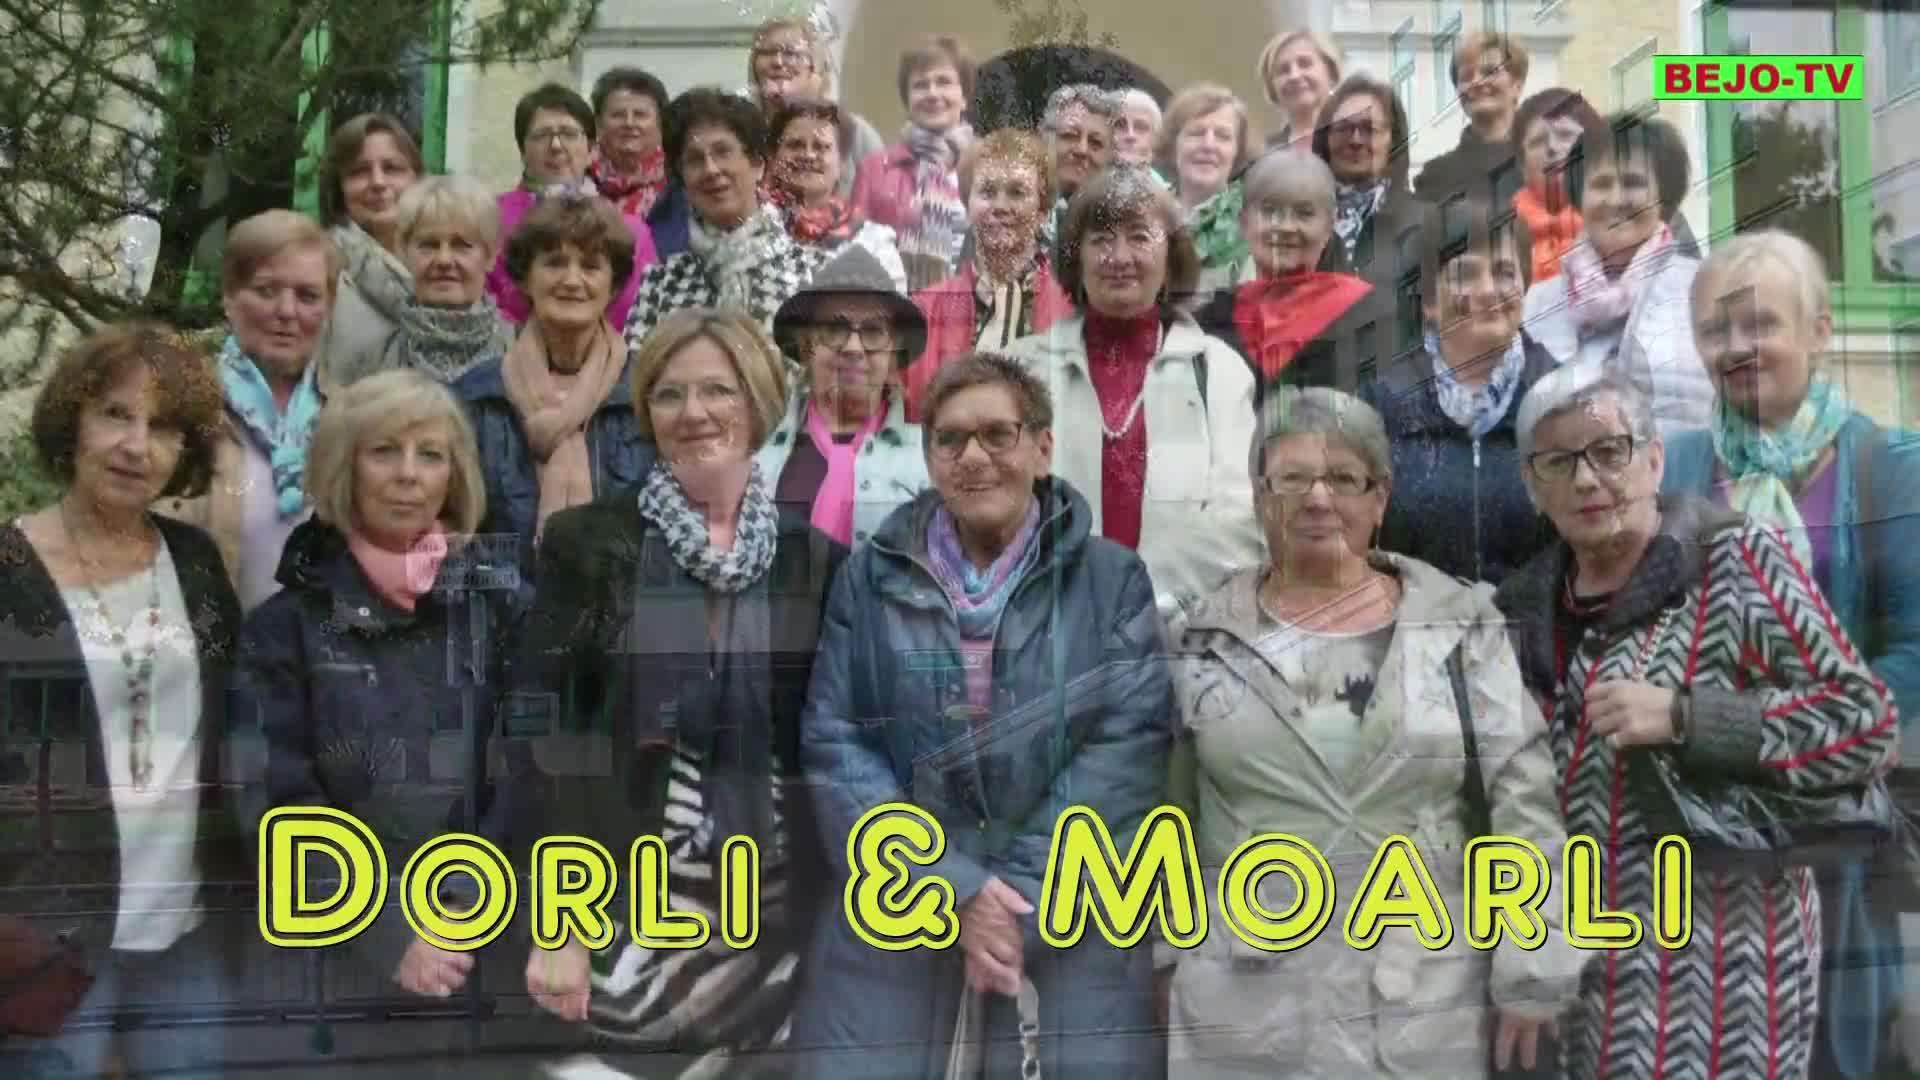 Dorli & Moarli